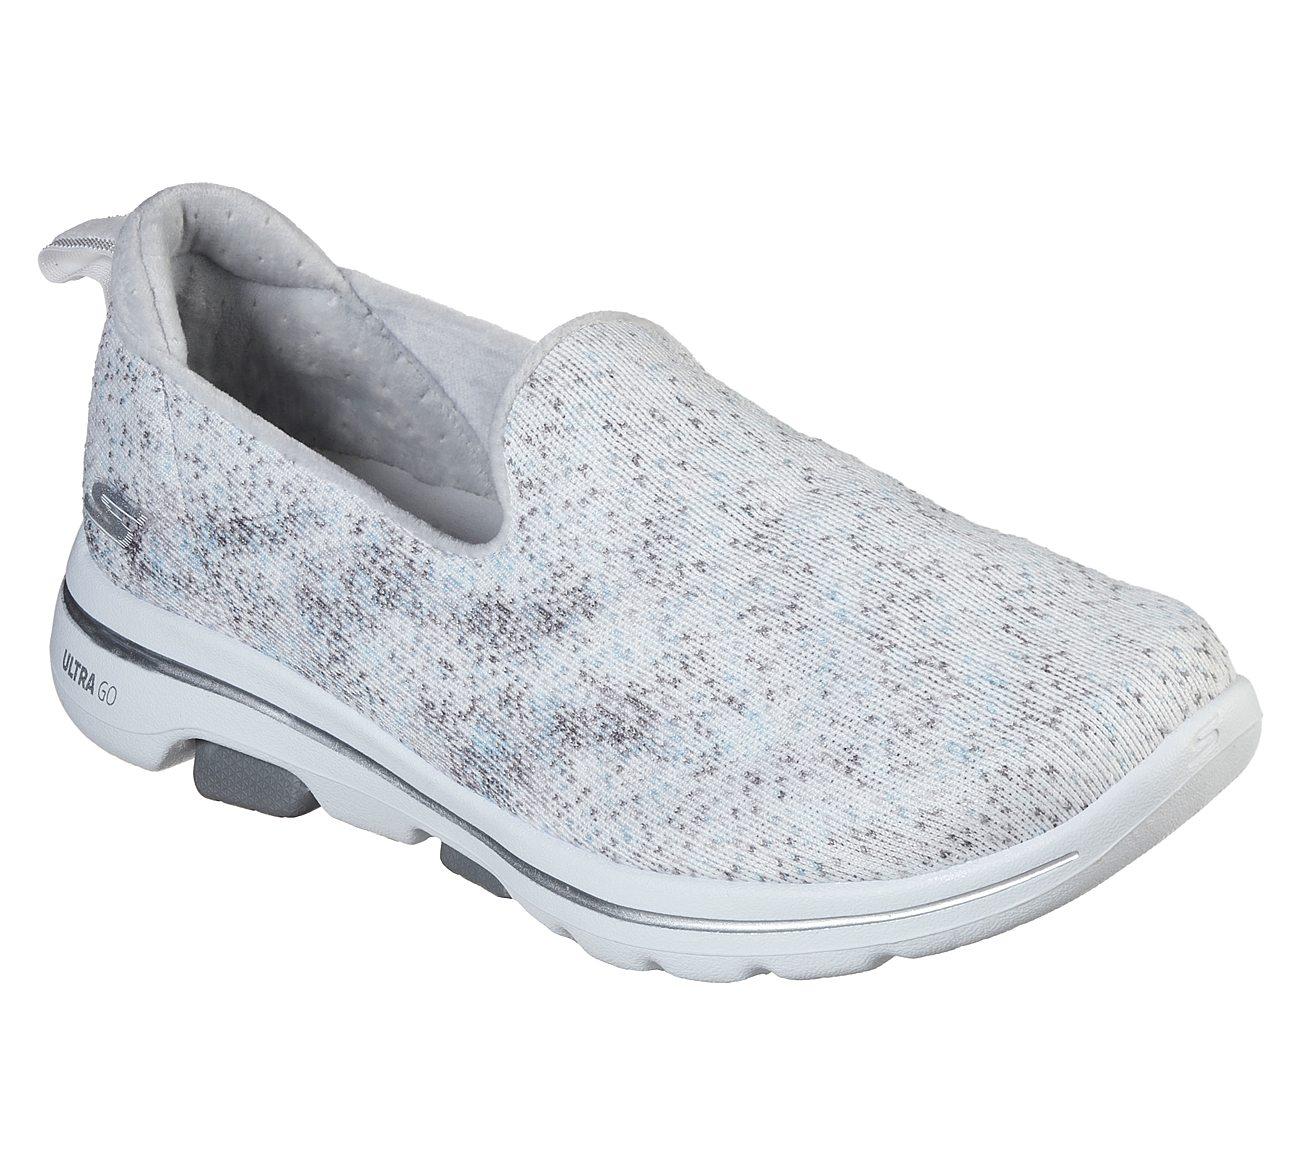 Skechers GOwalk 5 - So Soft